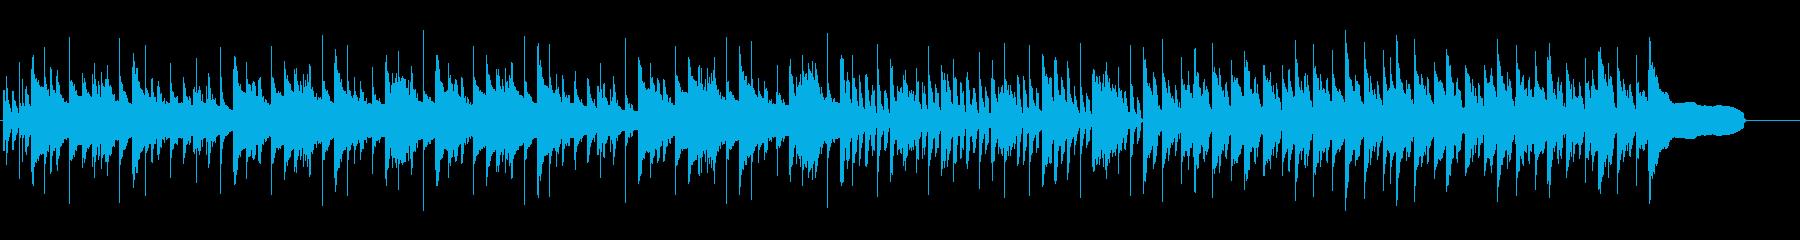 哀愁のあるシンプルなピアノ曲の再生済みの波形